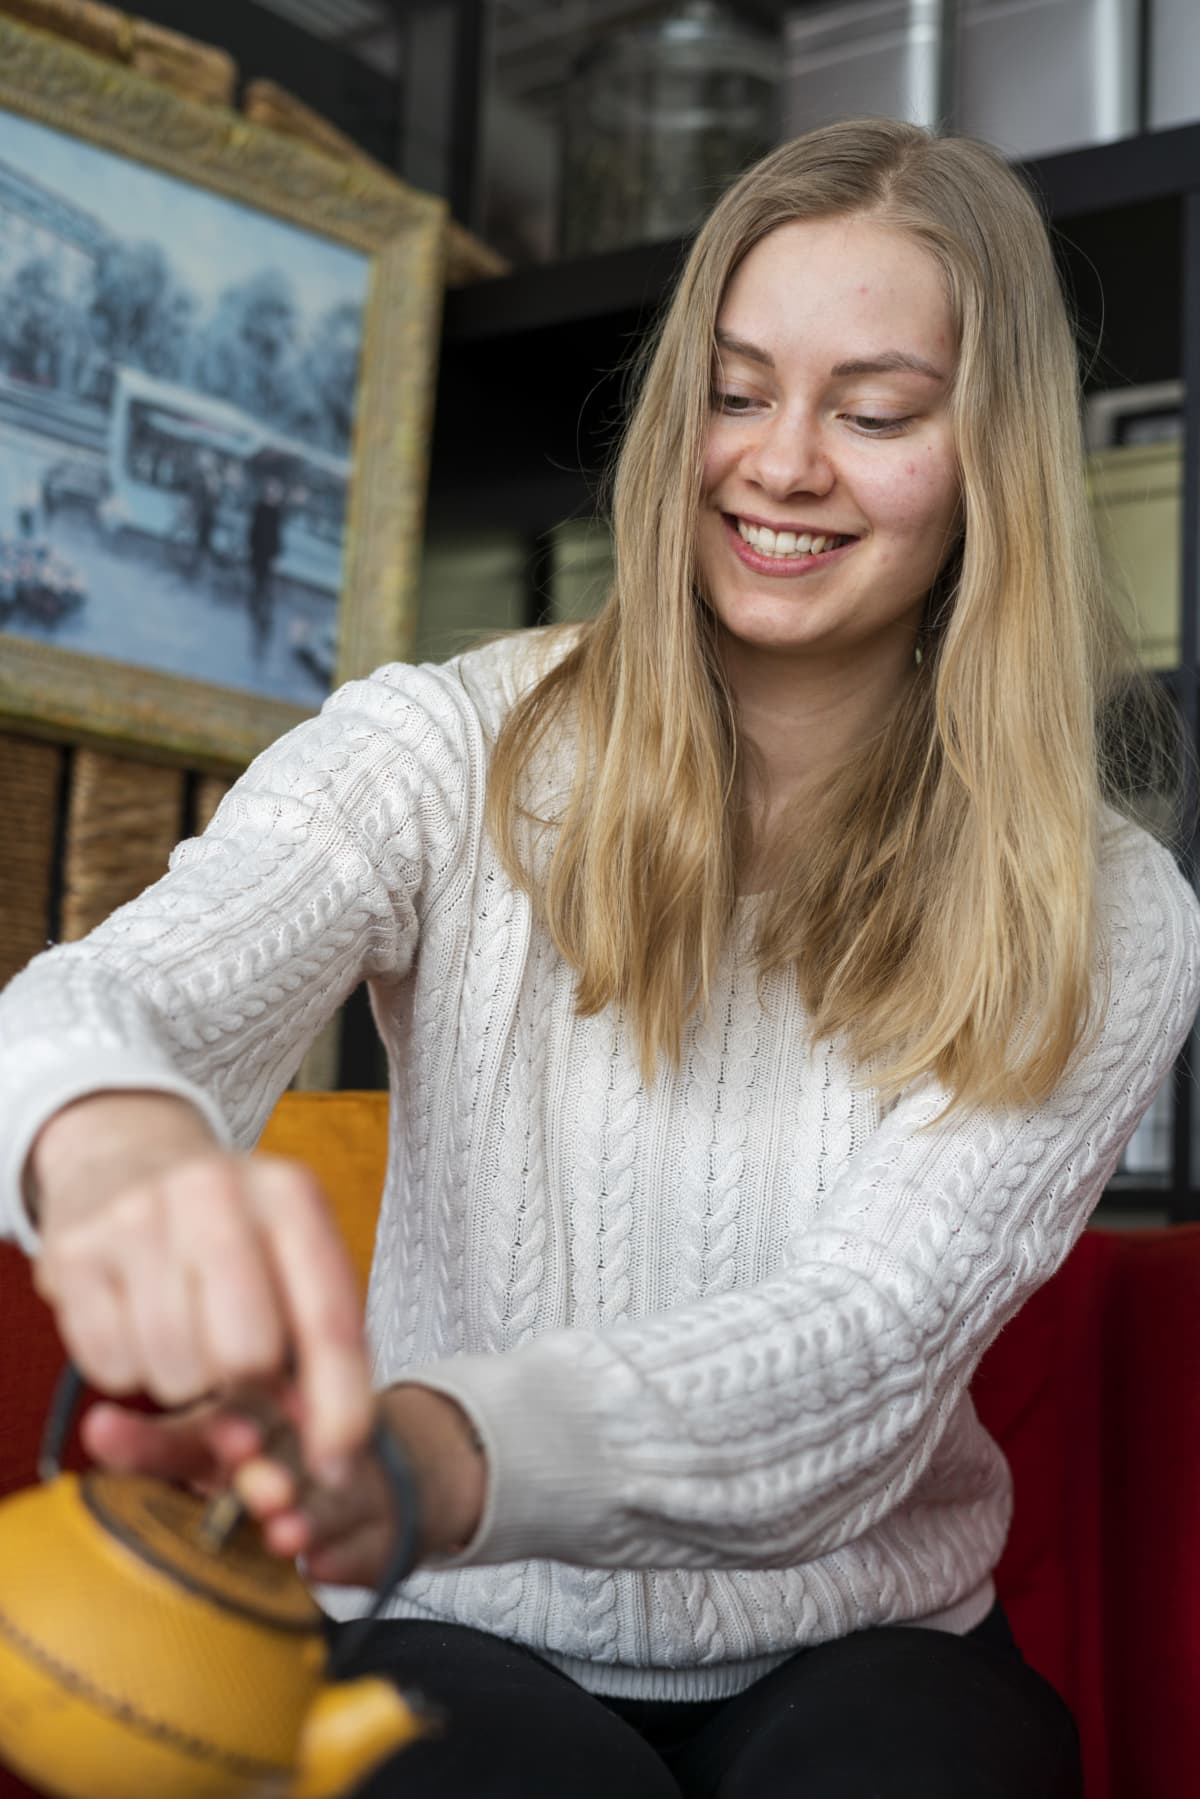 Vaaleahiuksinen nainen kaataa teetä kuppiin pannusta.